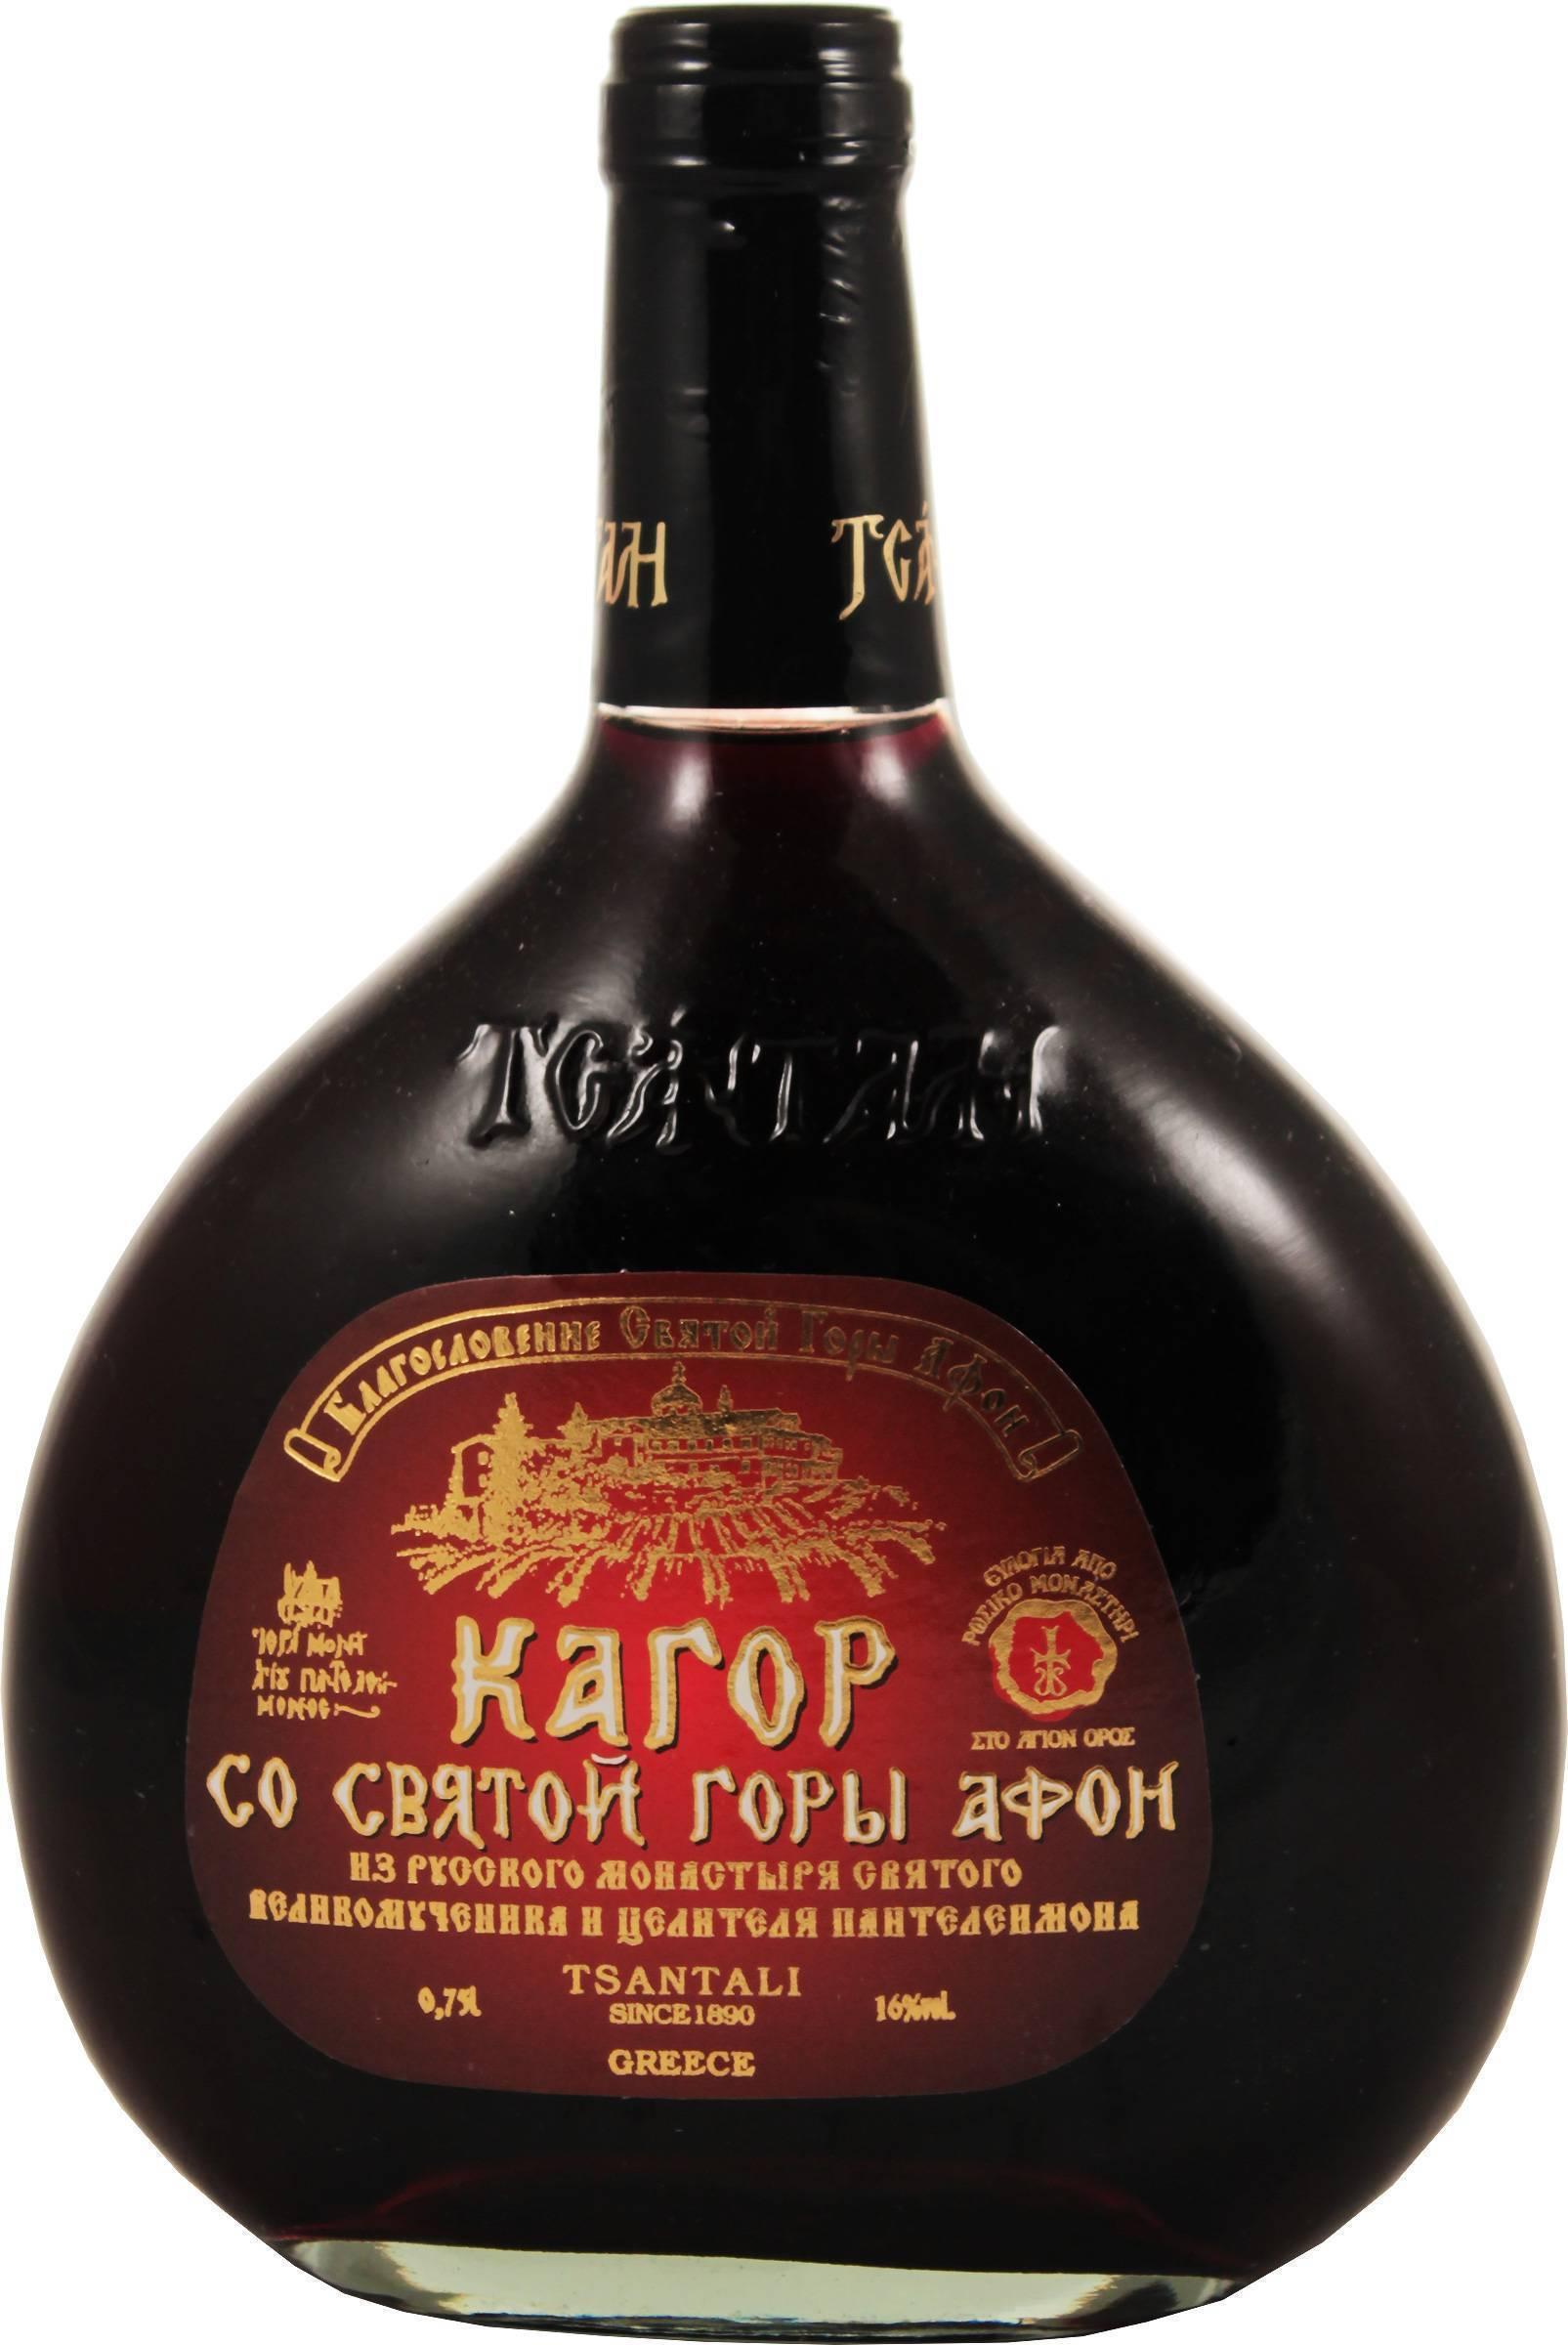 Кагор в домашних условиях: как своими руками сделать церковное вино по классическому рецепту и какой сорт винограда использовать   mosspravki.ru